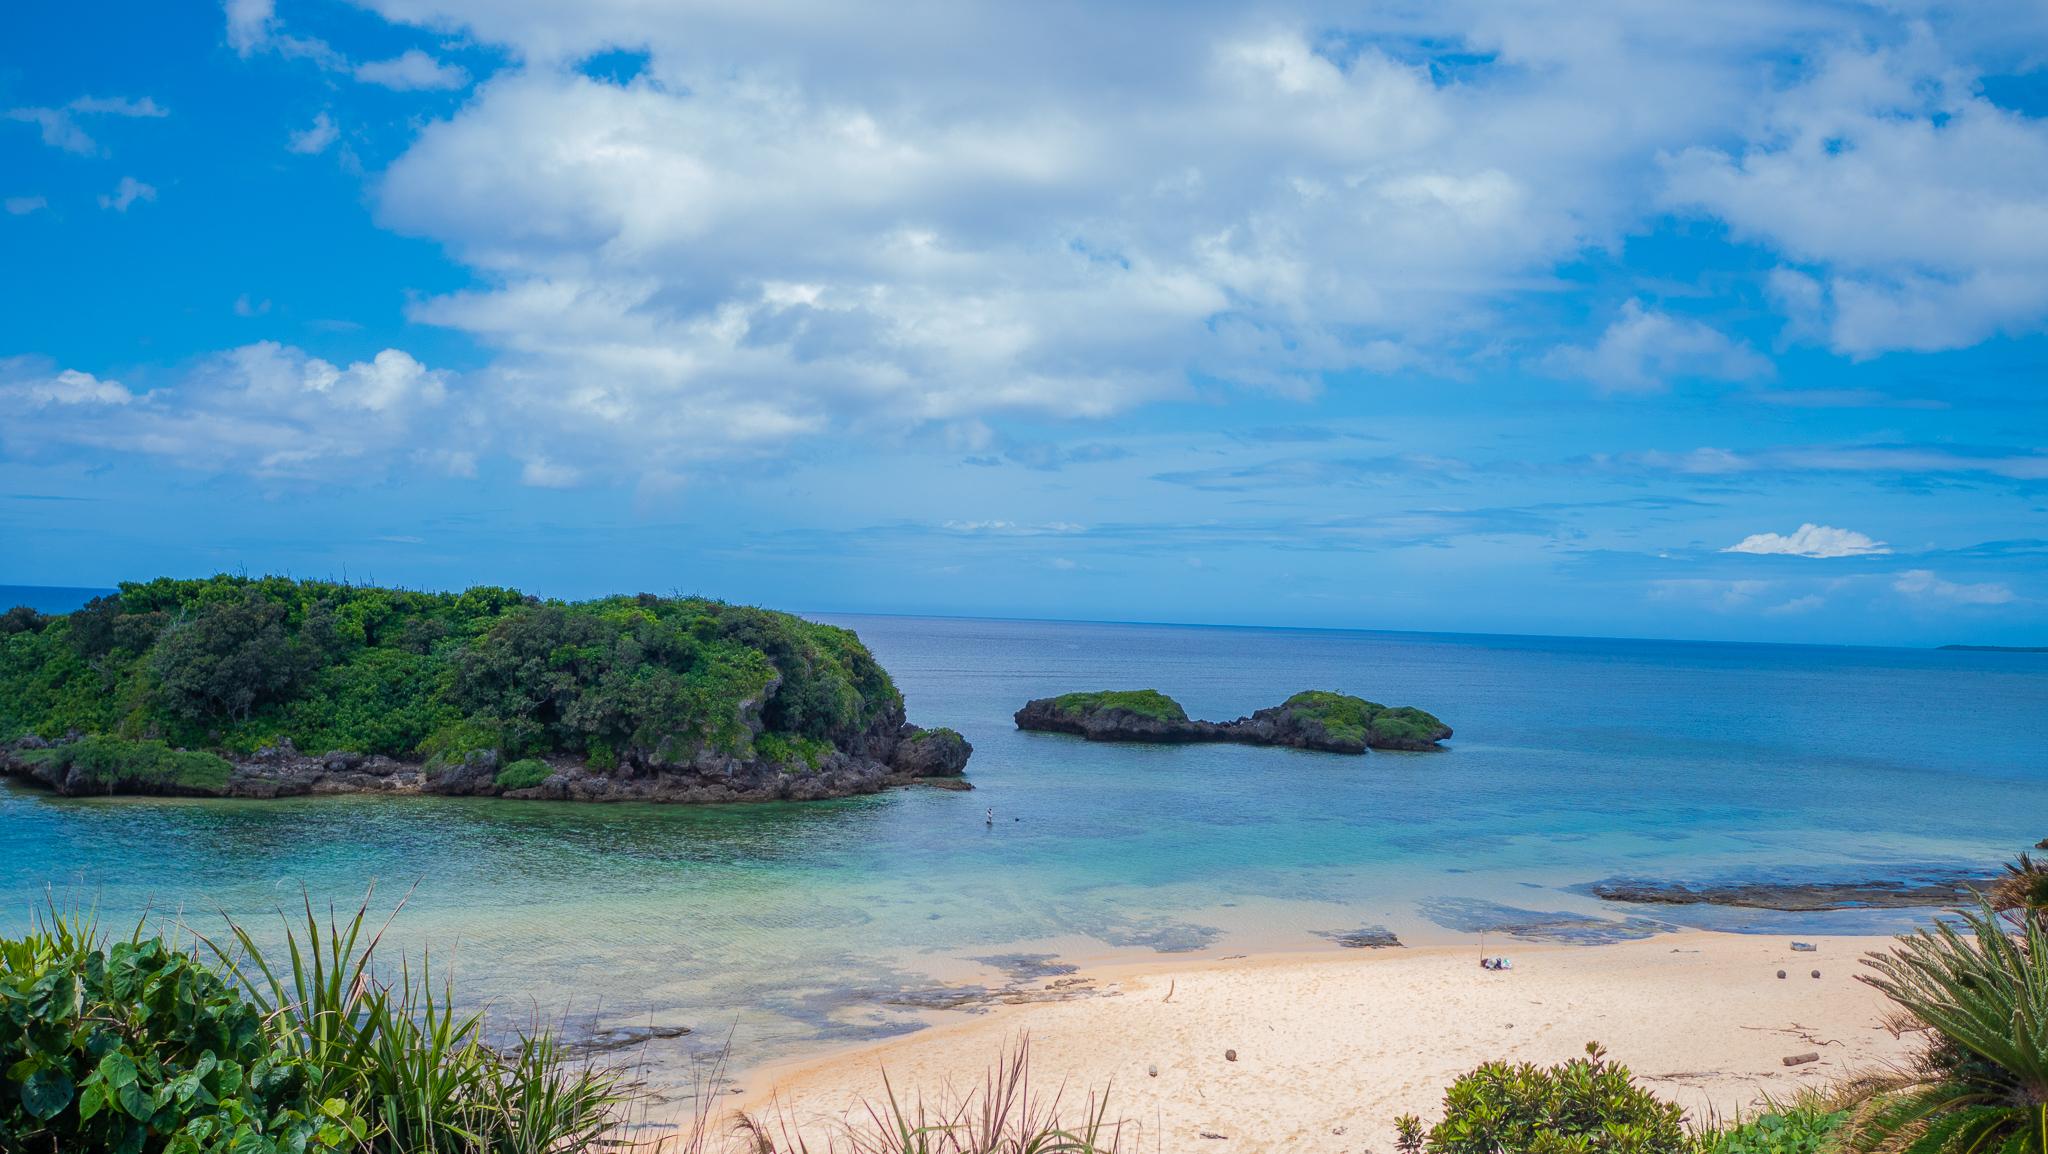 西表島のみどころである星砂ビーチ